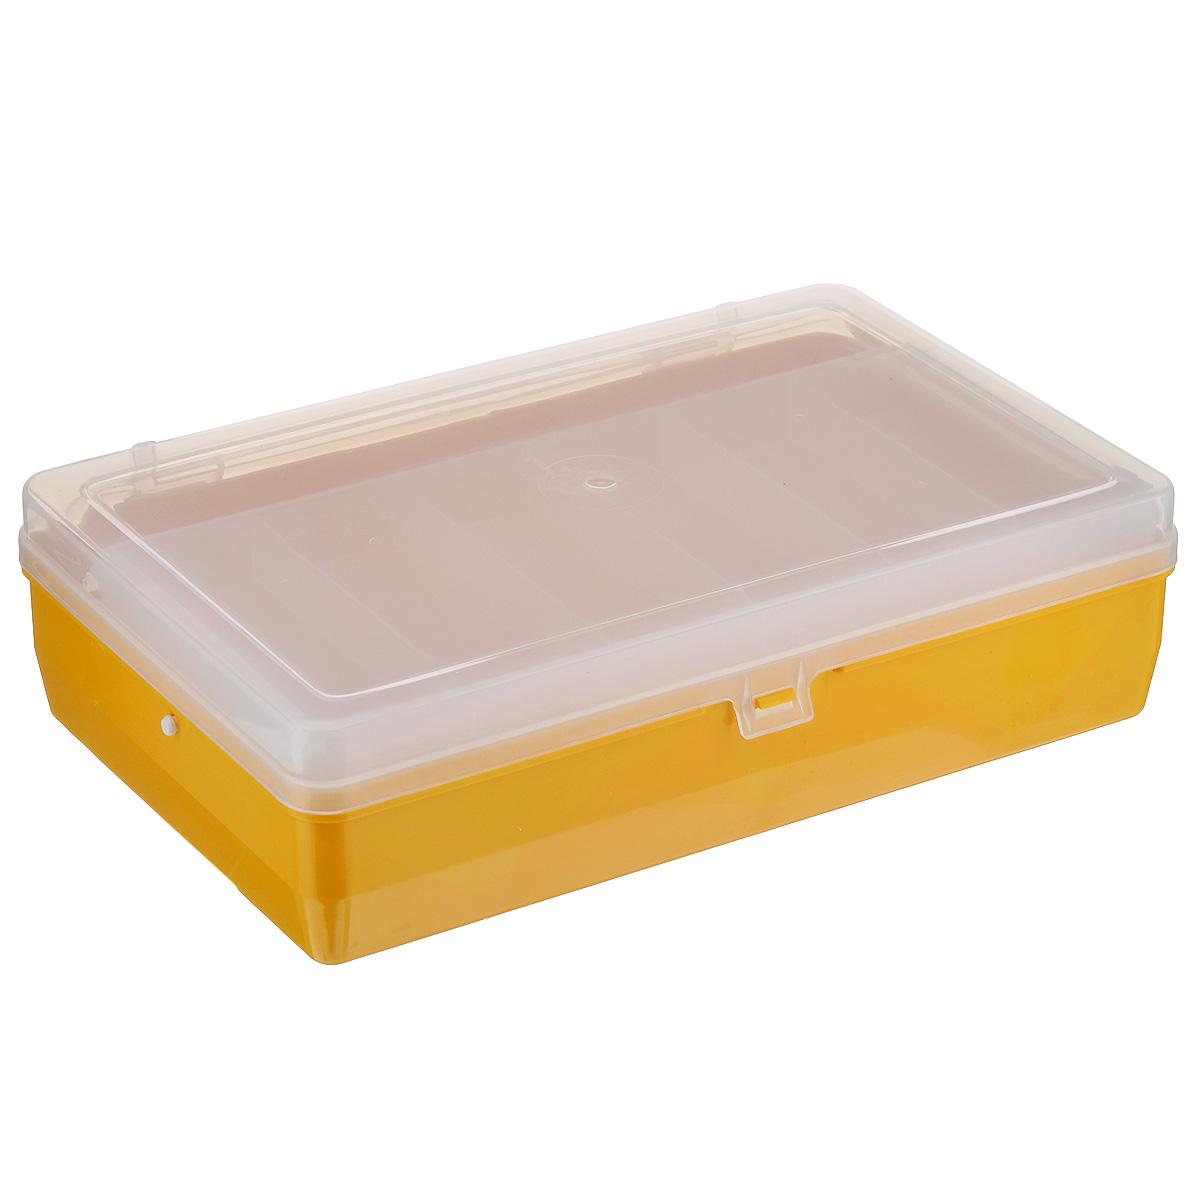 Коробка для мелочей Trivol, двухъярусная, с микролифтом, цвет: желтый, 23,5 х 15 х 6,5 см23-3-6Двухъярусная коробка для мелочей Trivol изготовлена из высококачественного пластика. Прозрачная крышка позволяет видеть содержимое коробки. Изделие имеет два яруса. Верхний ярус представляет собой съемное отделение, в котором содержится 6 прямоугольных ячеек. Нижний ярус имеет 3 ячейки разного размера. Коробка прекрасно подойдет для хранения швейных принадлежностей, рыболовных снастей, мелких деталей и других бытовых мелочей. Удобный и надежный замок-защелка обеспечивает надежное закрывание крышки. Коробка легко моется и чистится. Такая коробка поможет держать вещи в порядке.